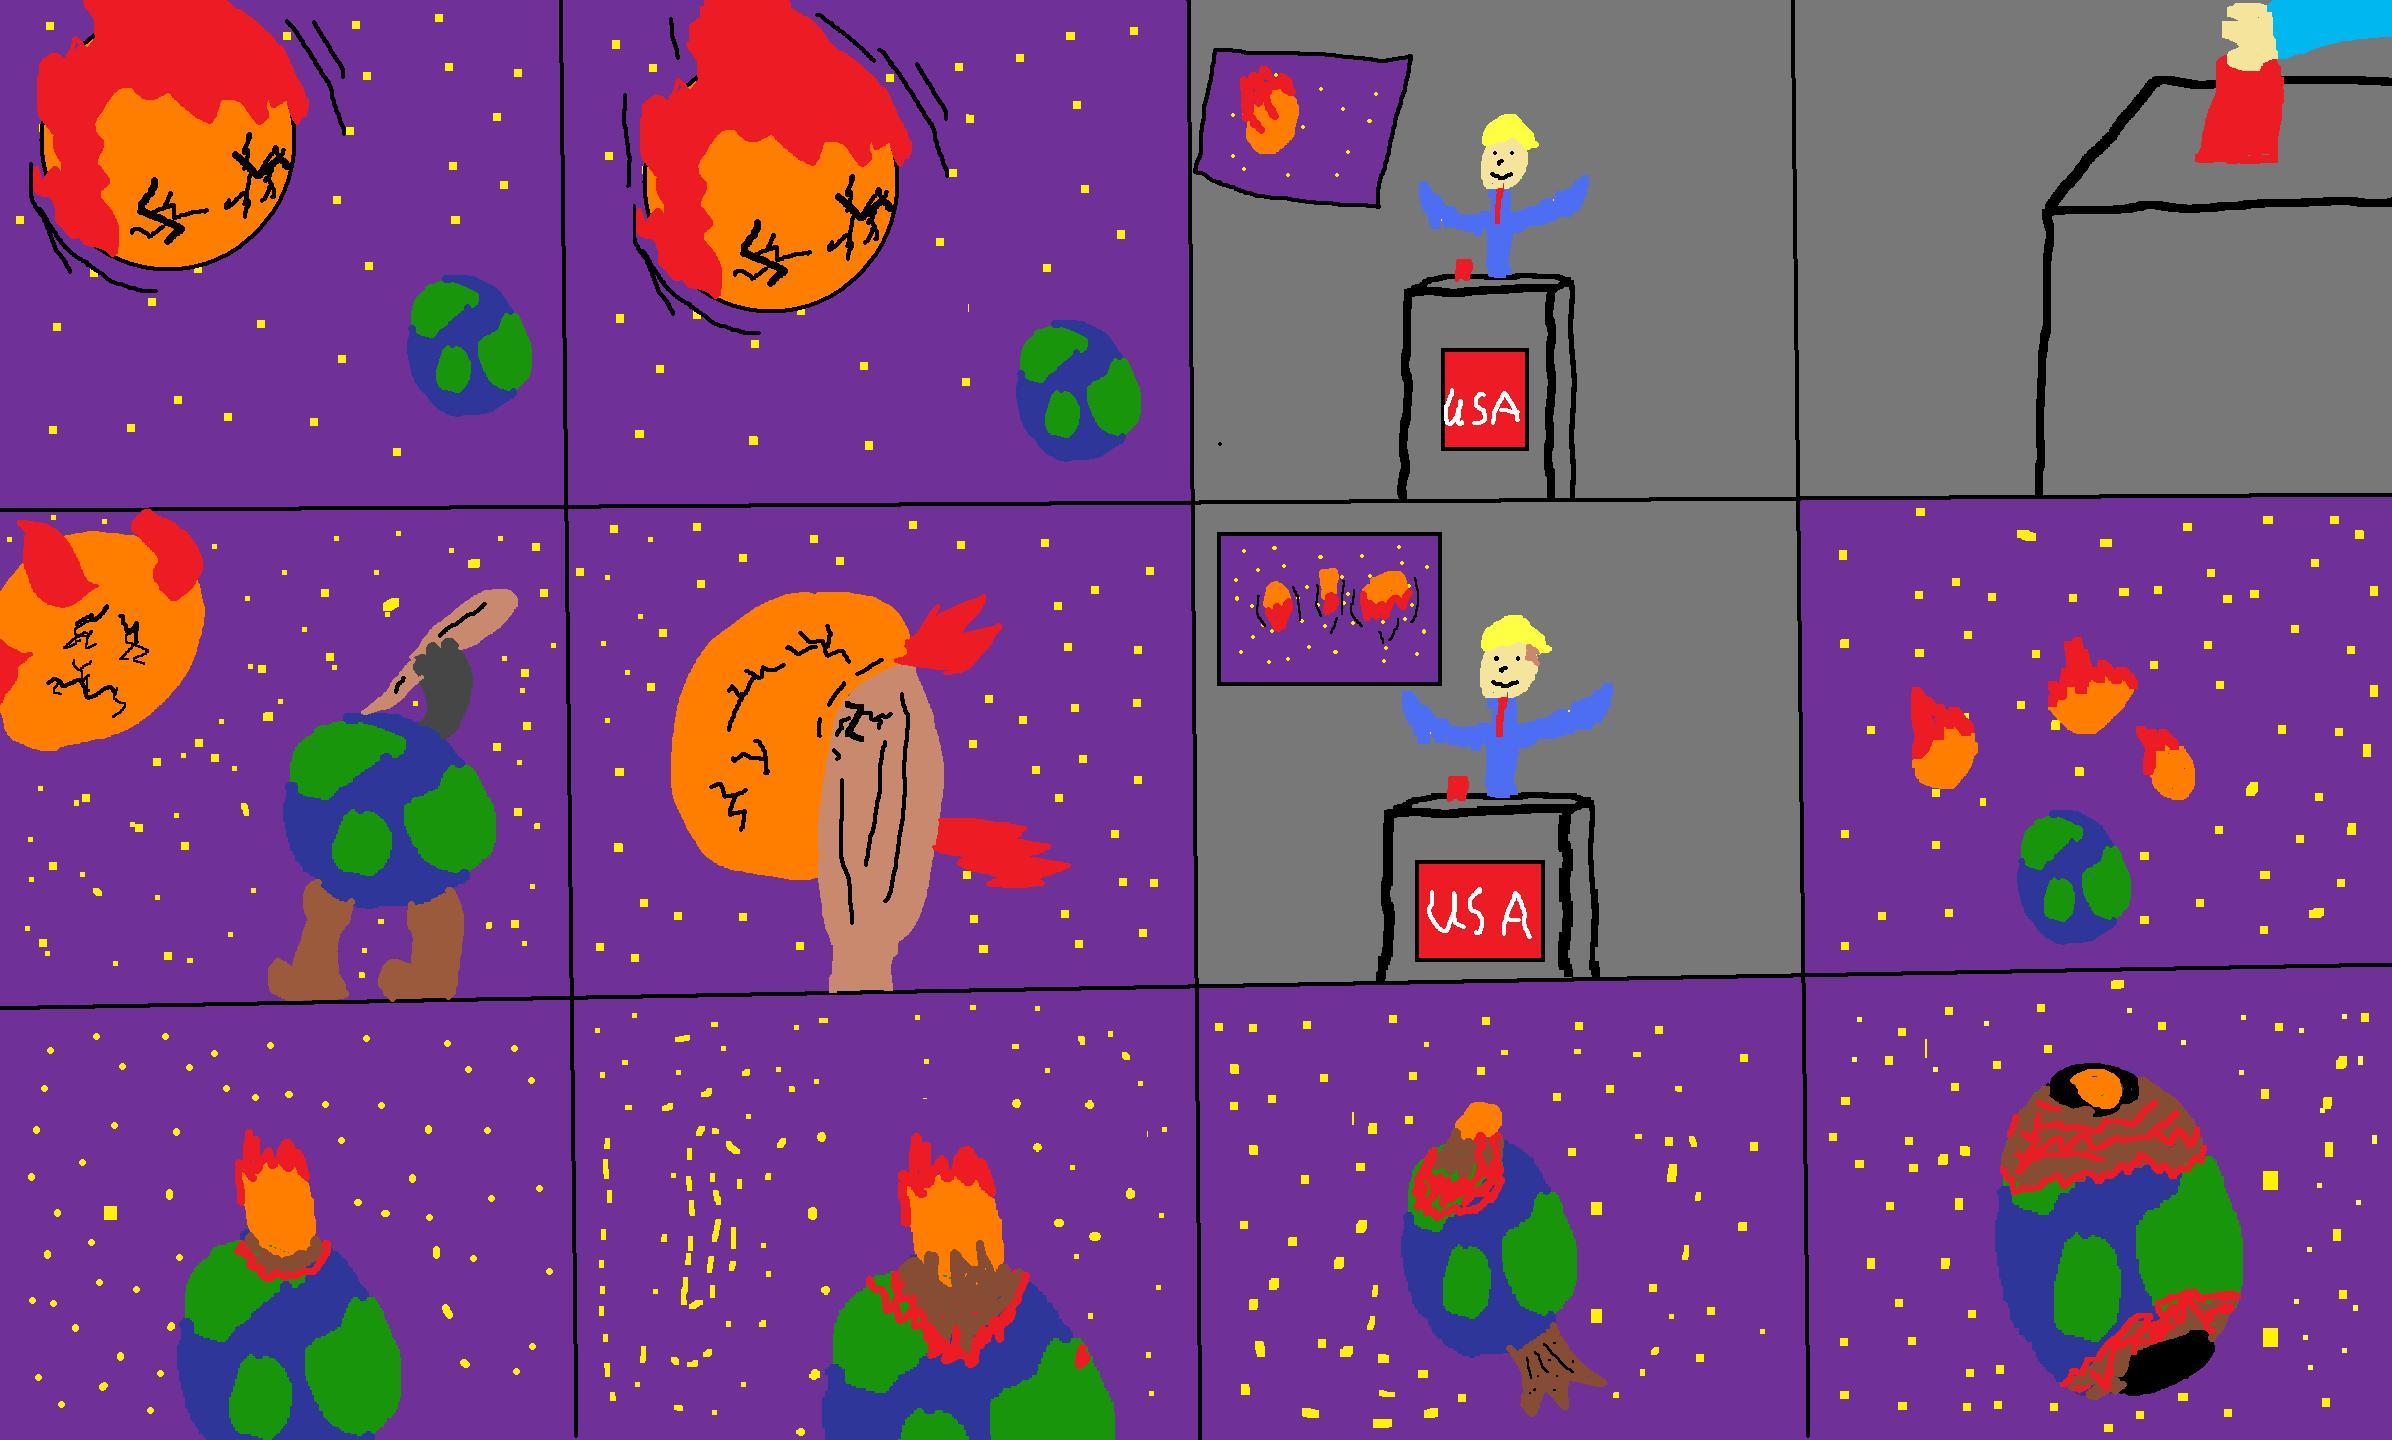 Planet X (Or Planet Niburu) Vs Earth (Or flat Earth)